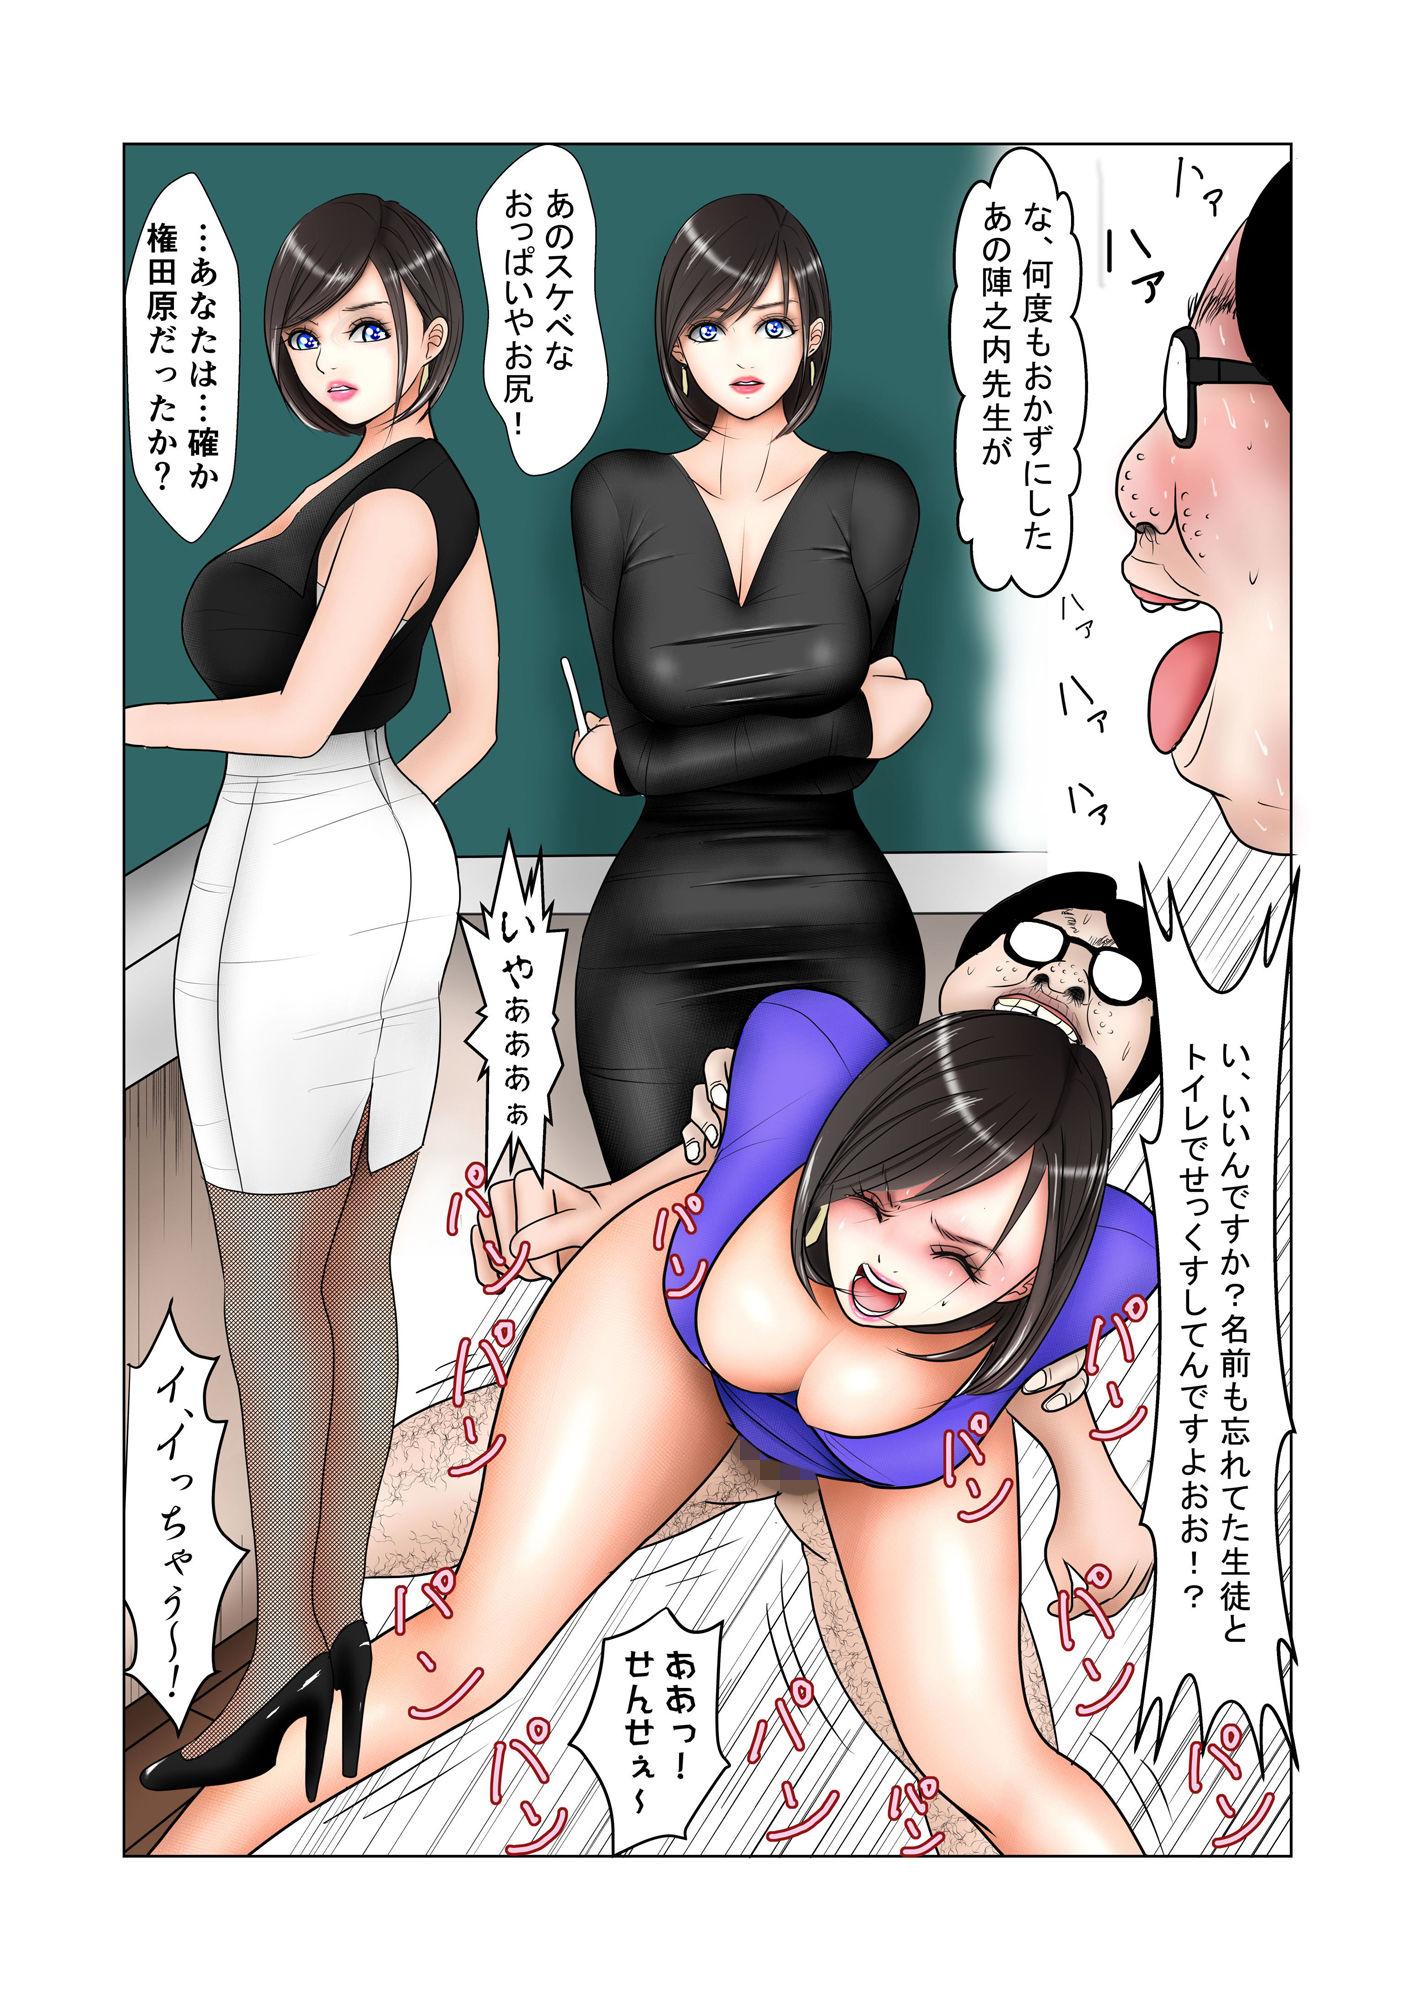 変態キモ○○生徒と美人教師 画像